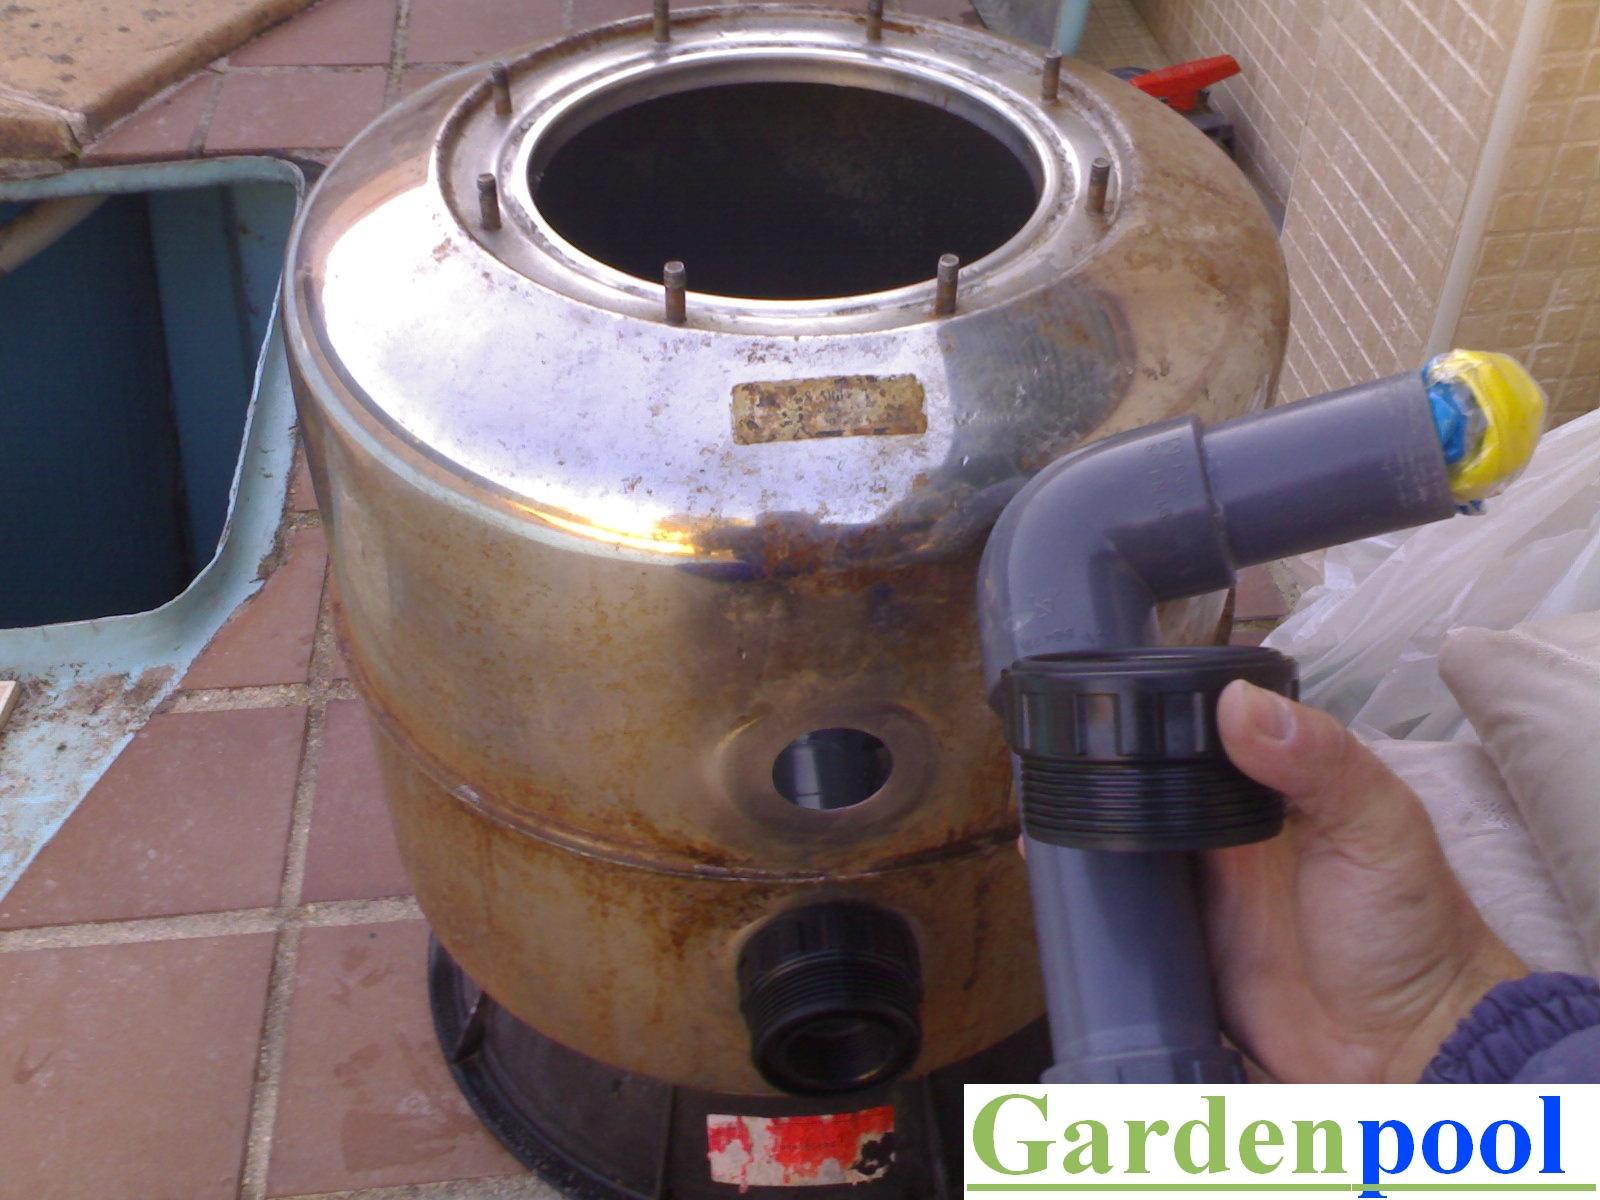 Equipos depuracion y filtros de piscinas en madrid for Filtros para piscinas